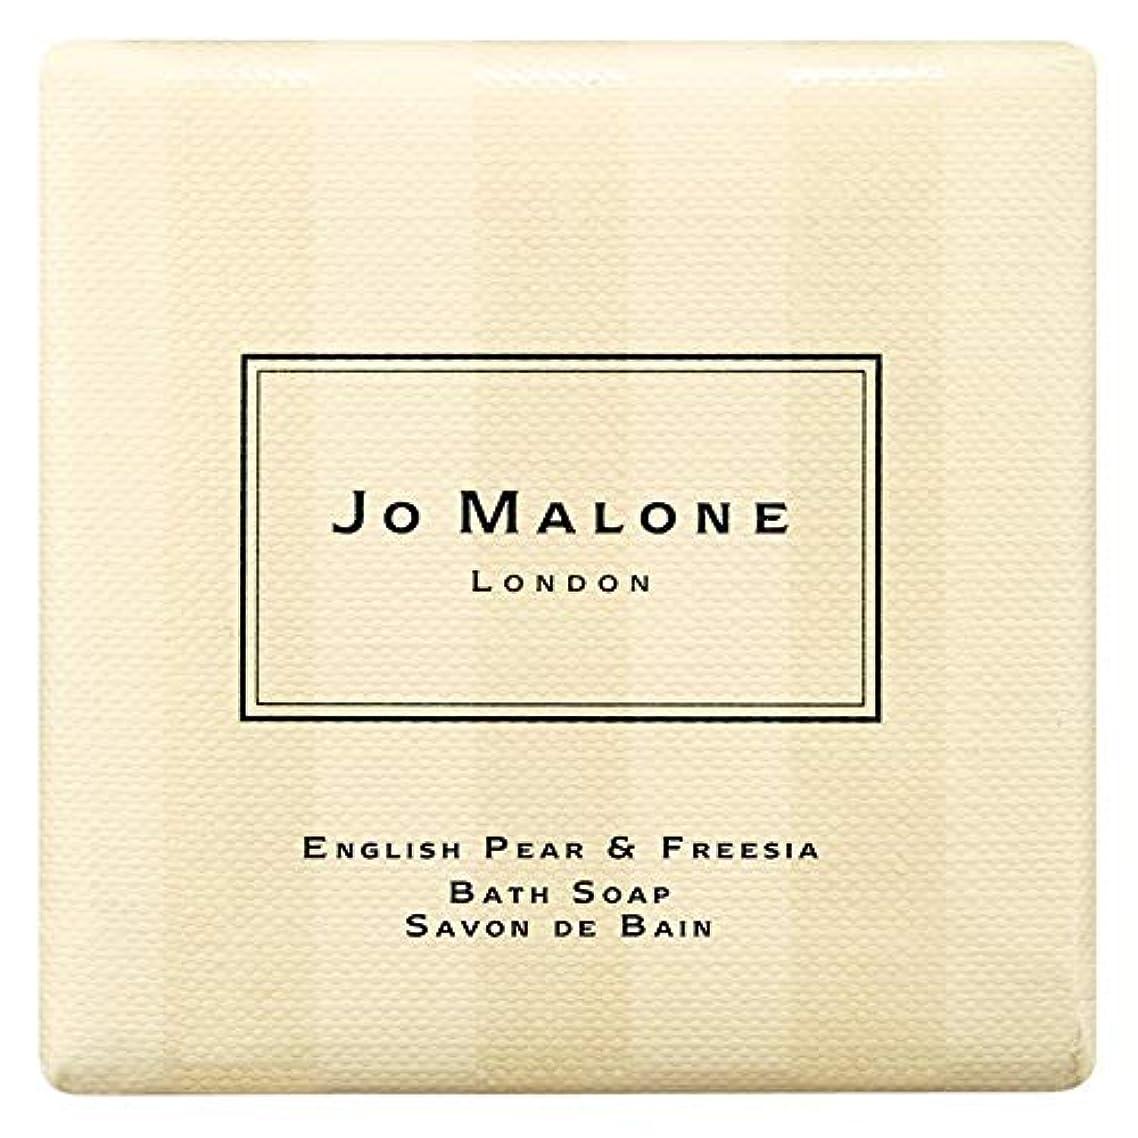 トピック仮説物語[Jo Malone] ジョーマローンロンドン英語梨&フリージア入浴石鹸100グラム - Jo Malone London English Pear & Freesia Bath Soap 100g [並行輸入品]